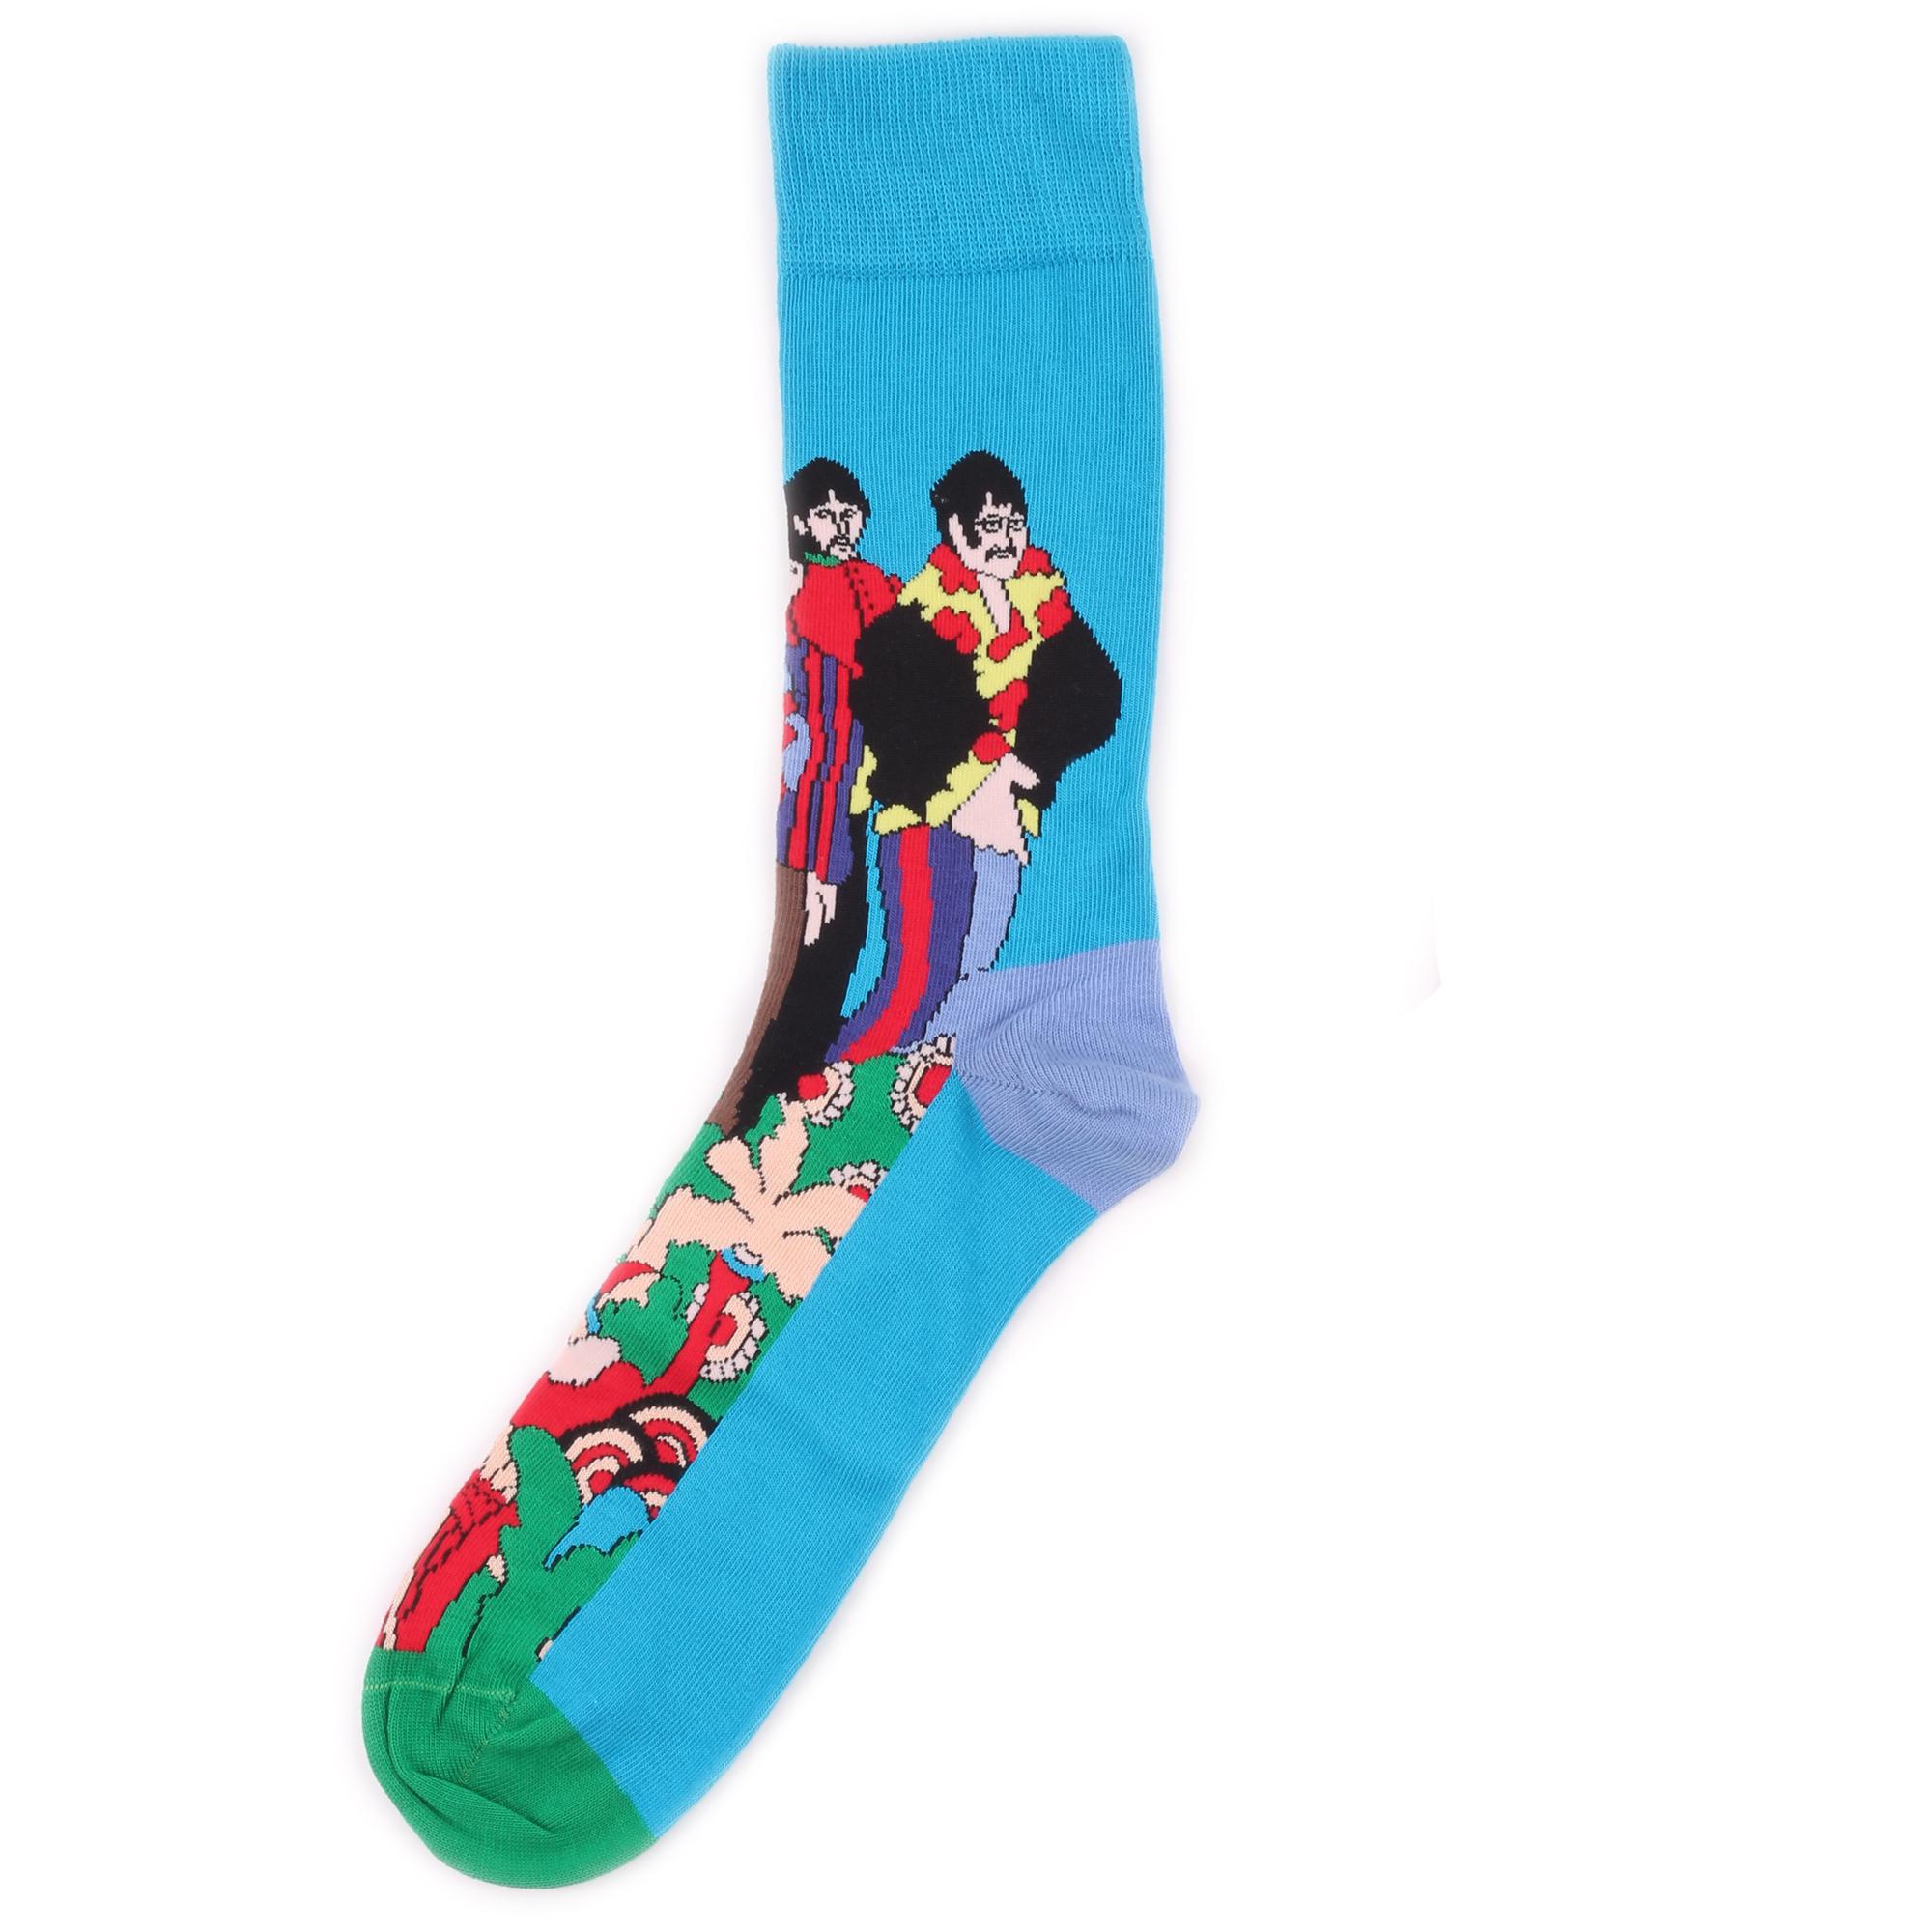 Носки унисекс Happy Socks Happy Socks x The Beatles - Pepperland разноцветные 36-40